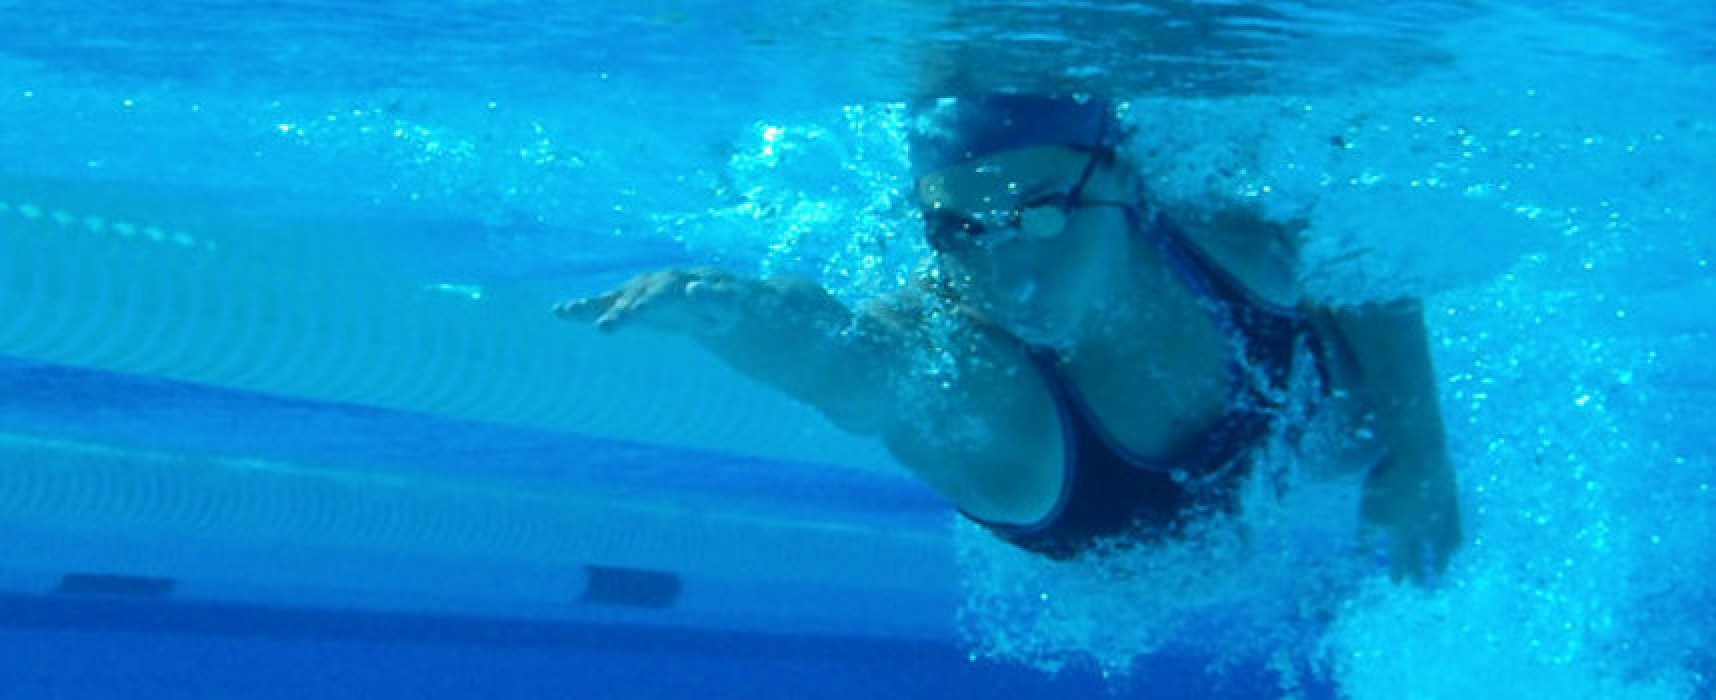 Finale mondiale per Elena Di Liddo che migliora ancora il record italiano